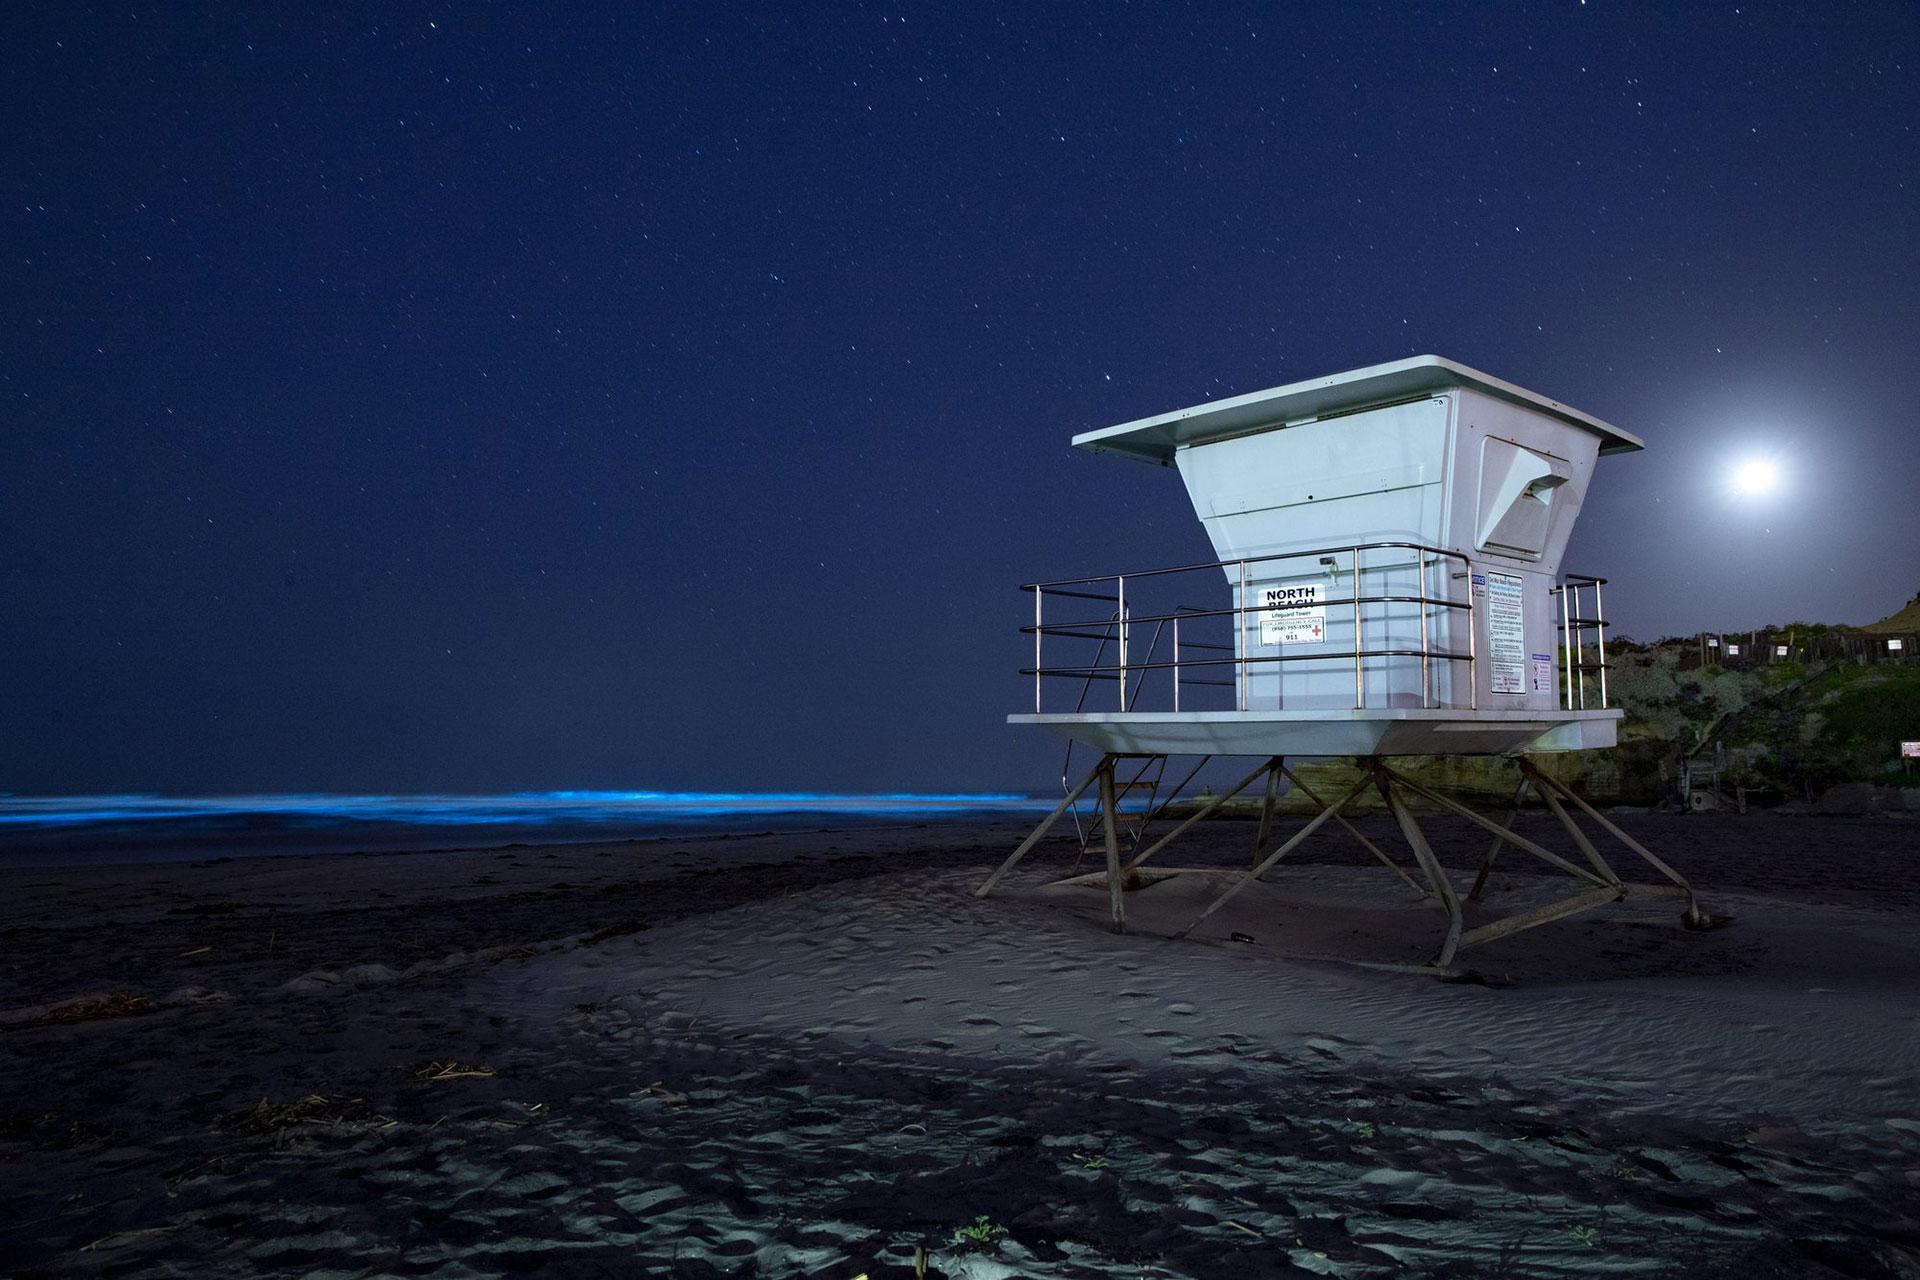 Las olas brillan con la bioluminiscencia azul de una floración de algas en las aguas del océano mientras una torre de salvavidas se sienta en una playa aún cerrada en Del Mar, California, el lunes 27 de abril de 2020 (AP Photo / Gregory Toro)